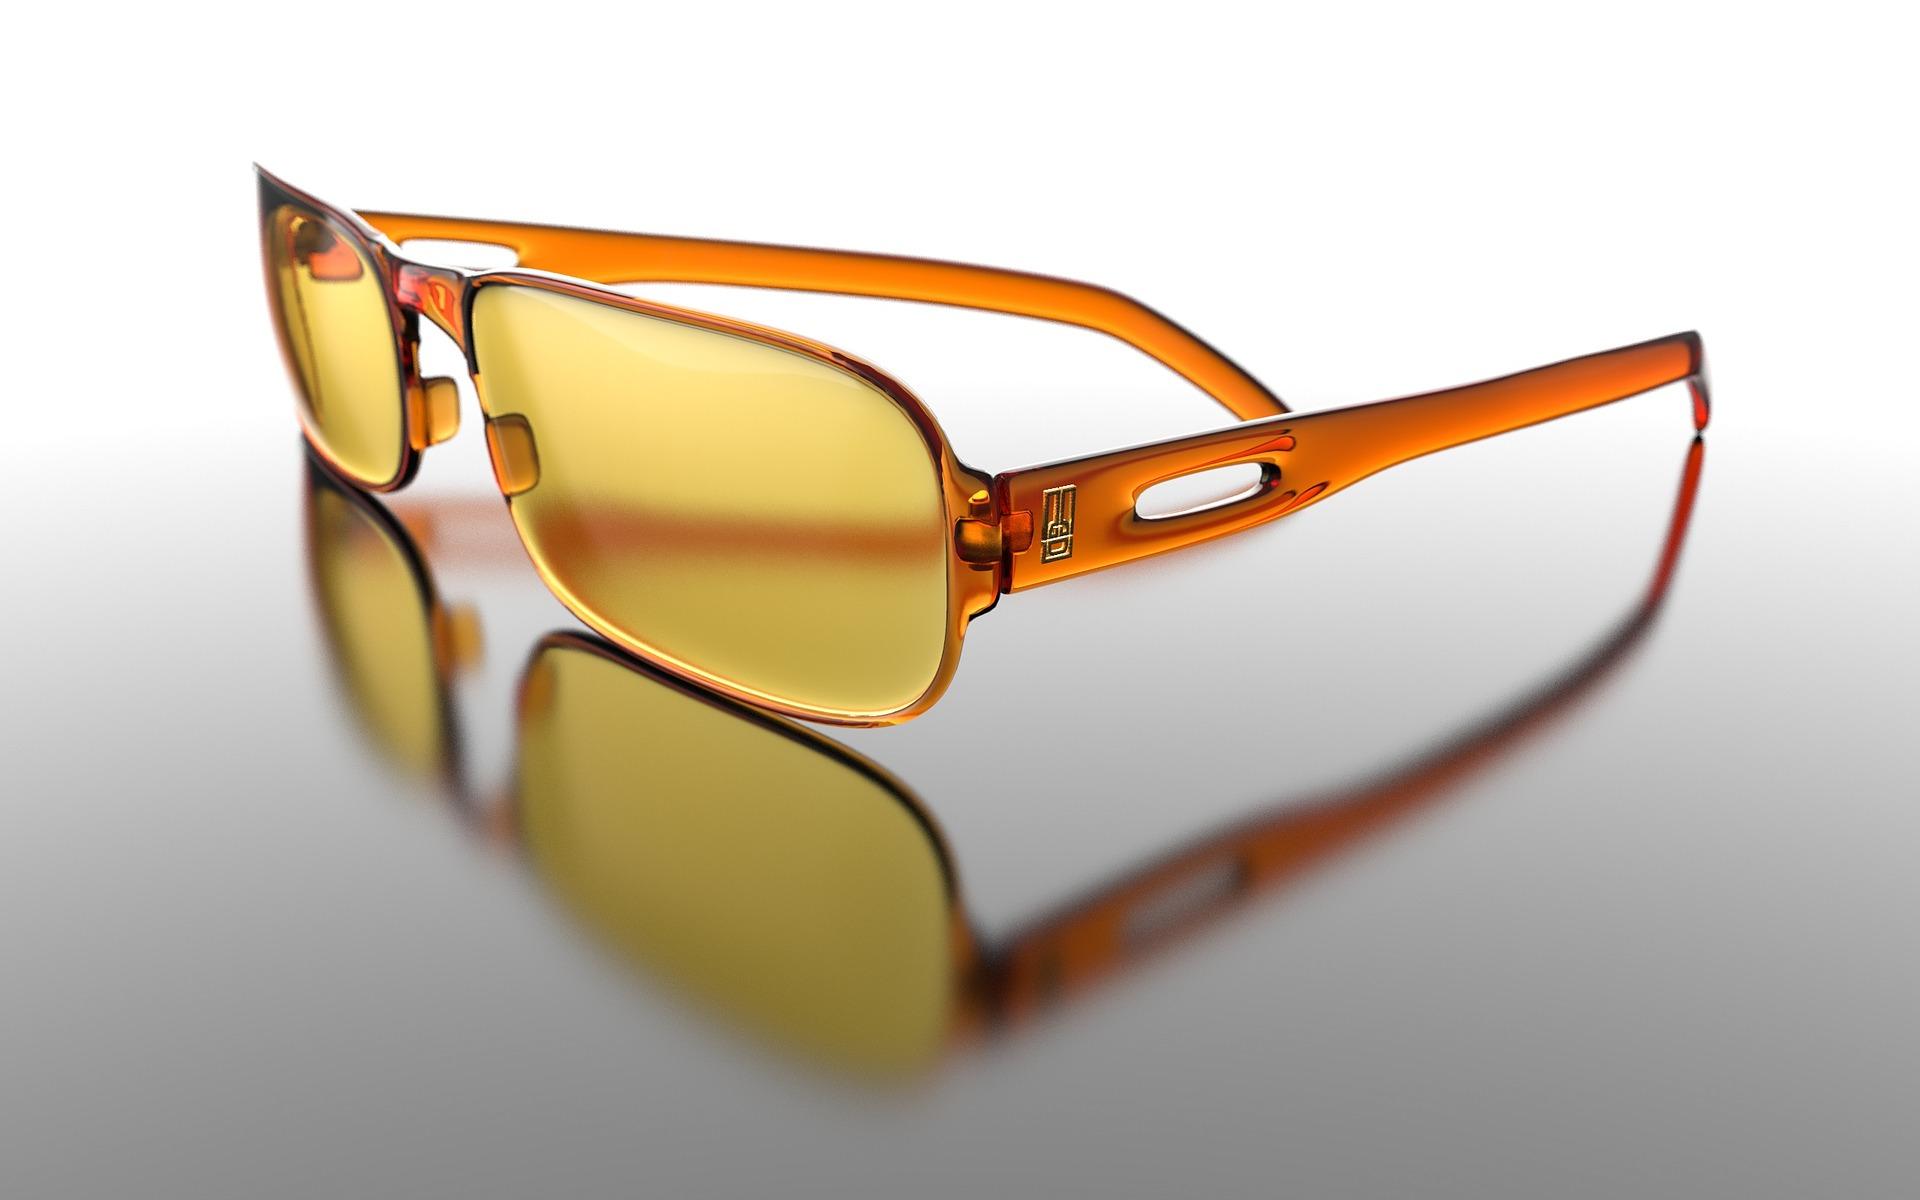 Blaulicht-Brille